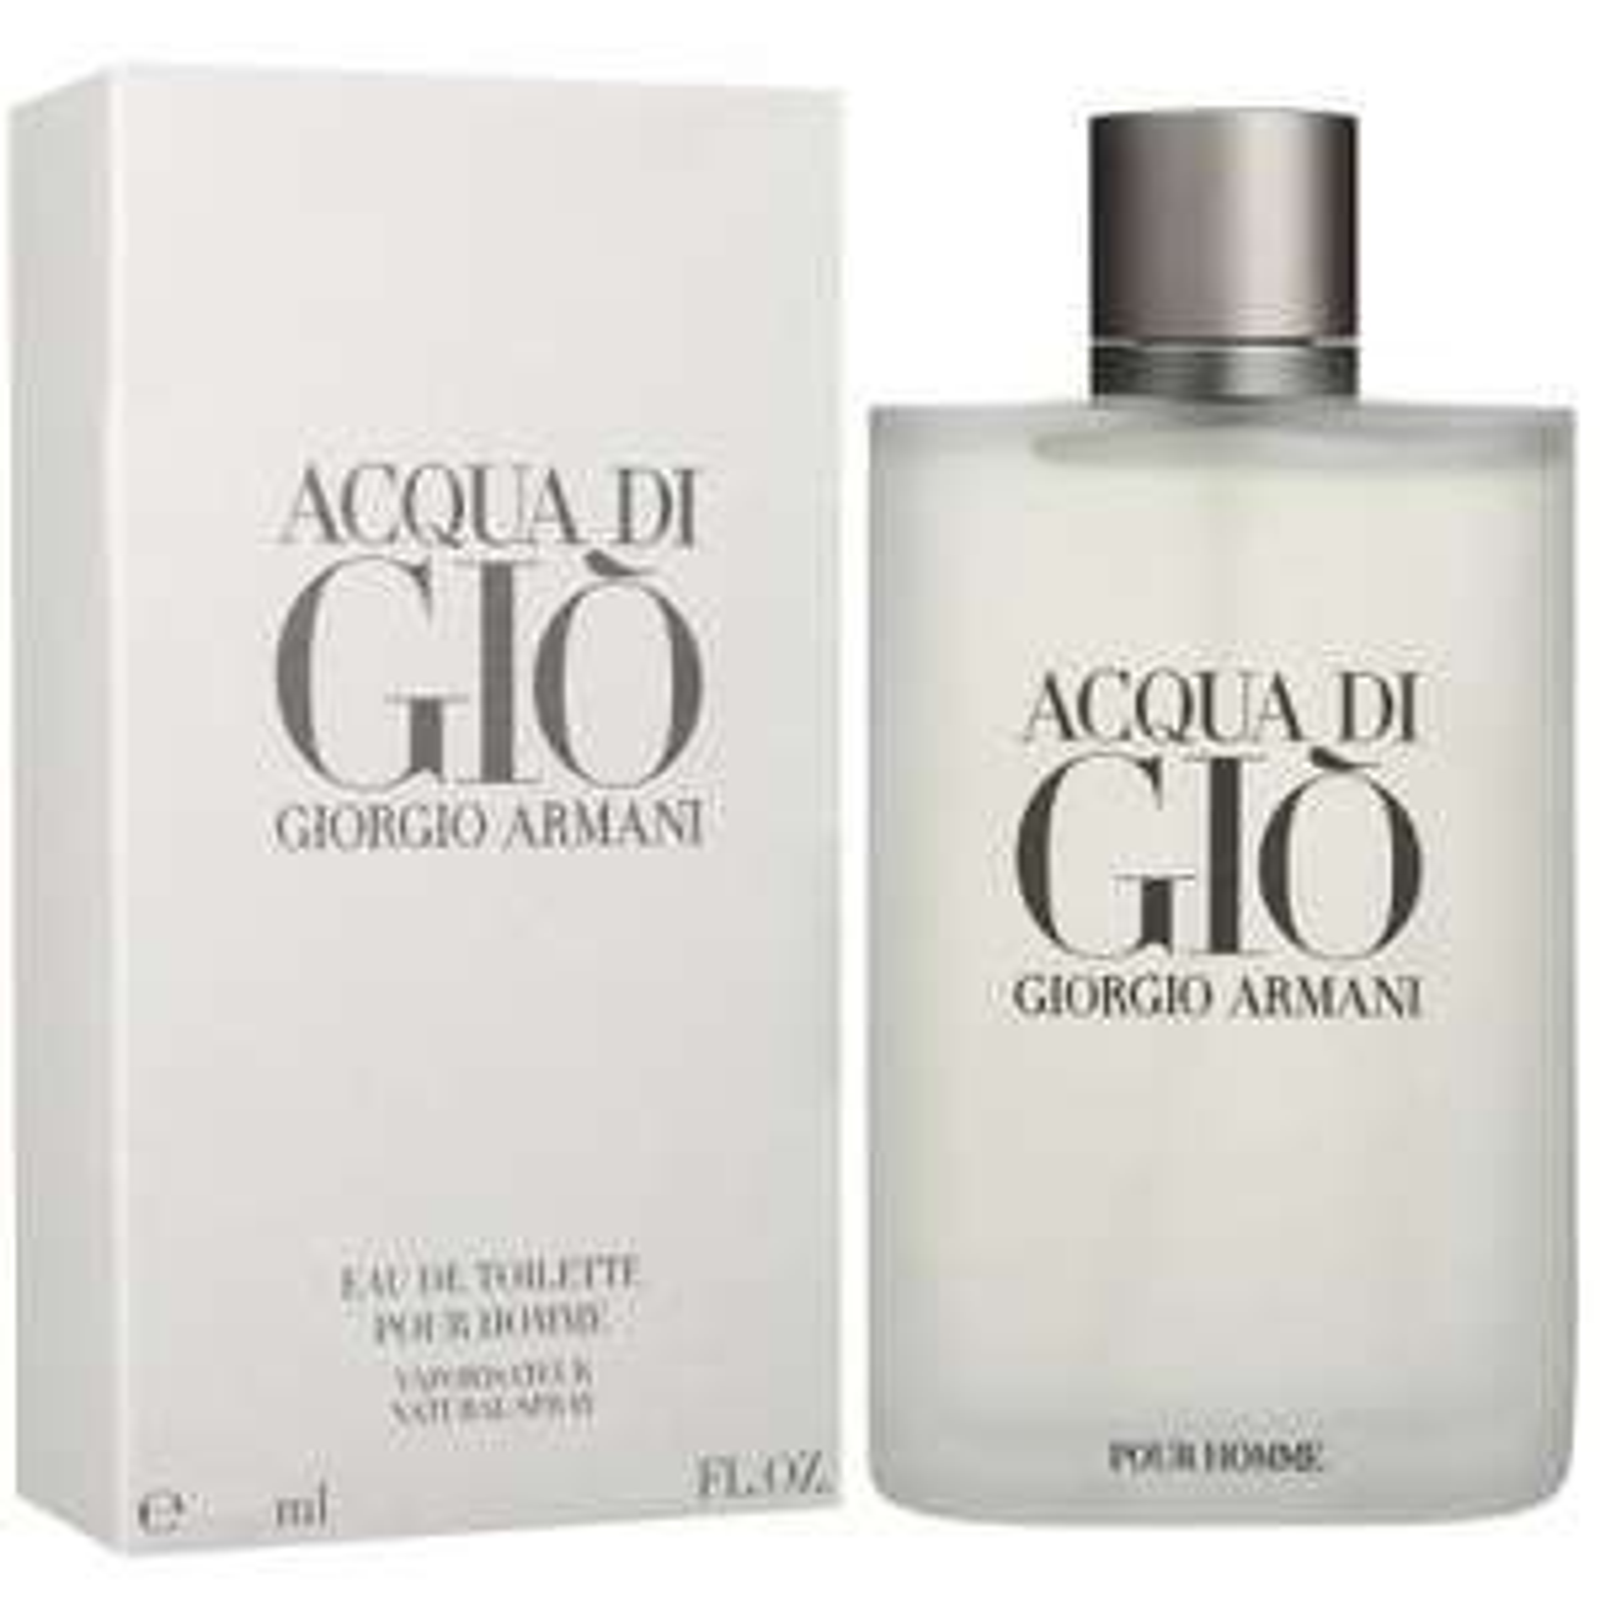 Claro Shop: Acqua Di Gio Caballero 200 ml Giorgio Armani